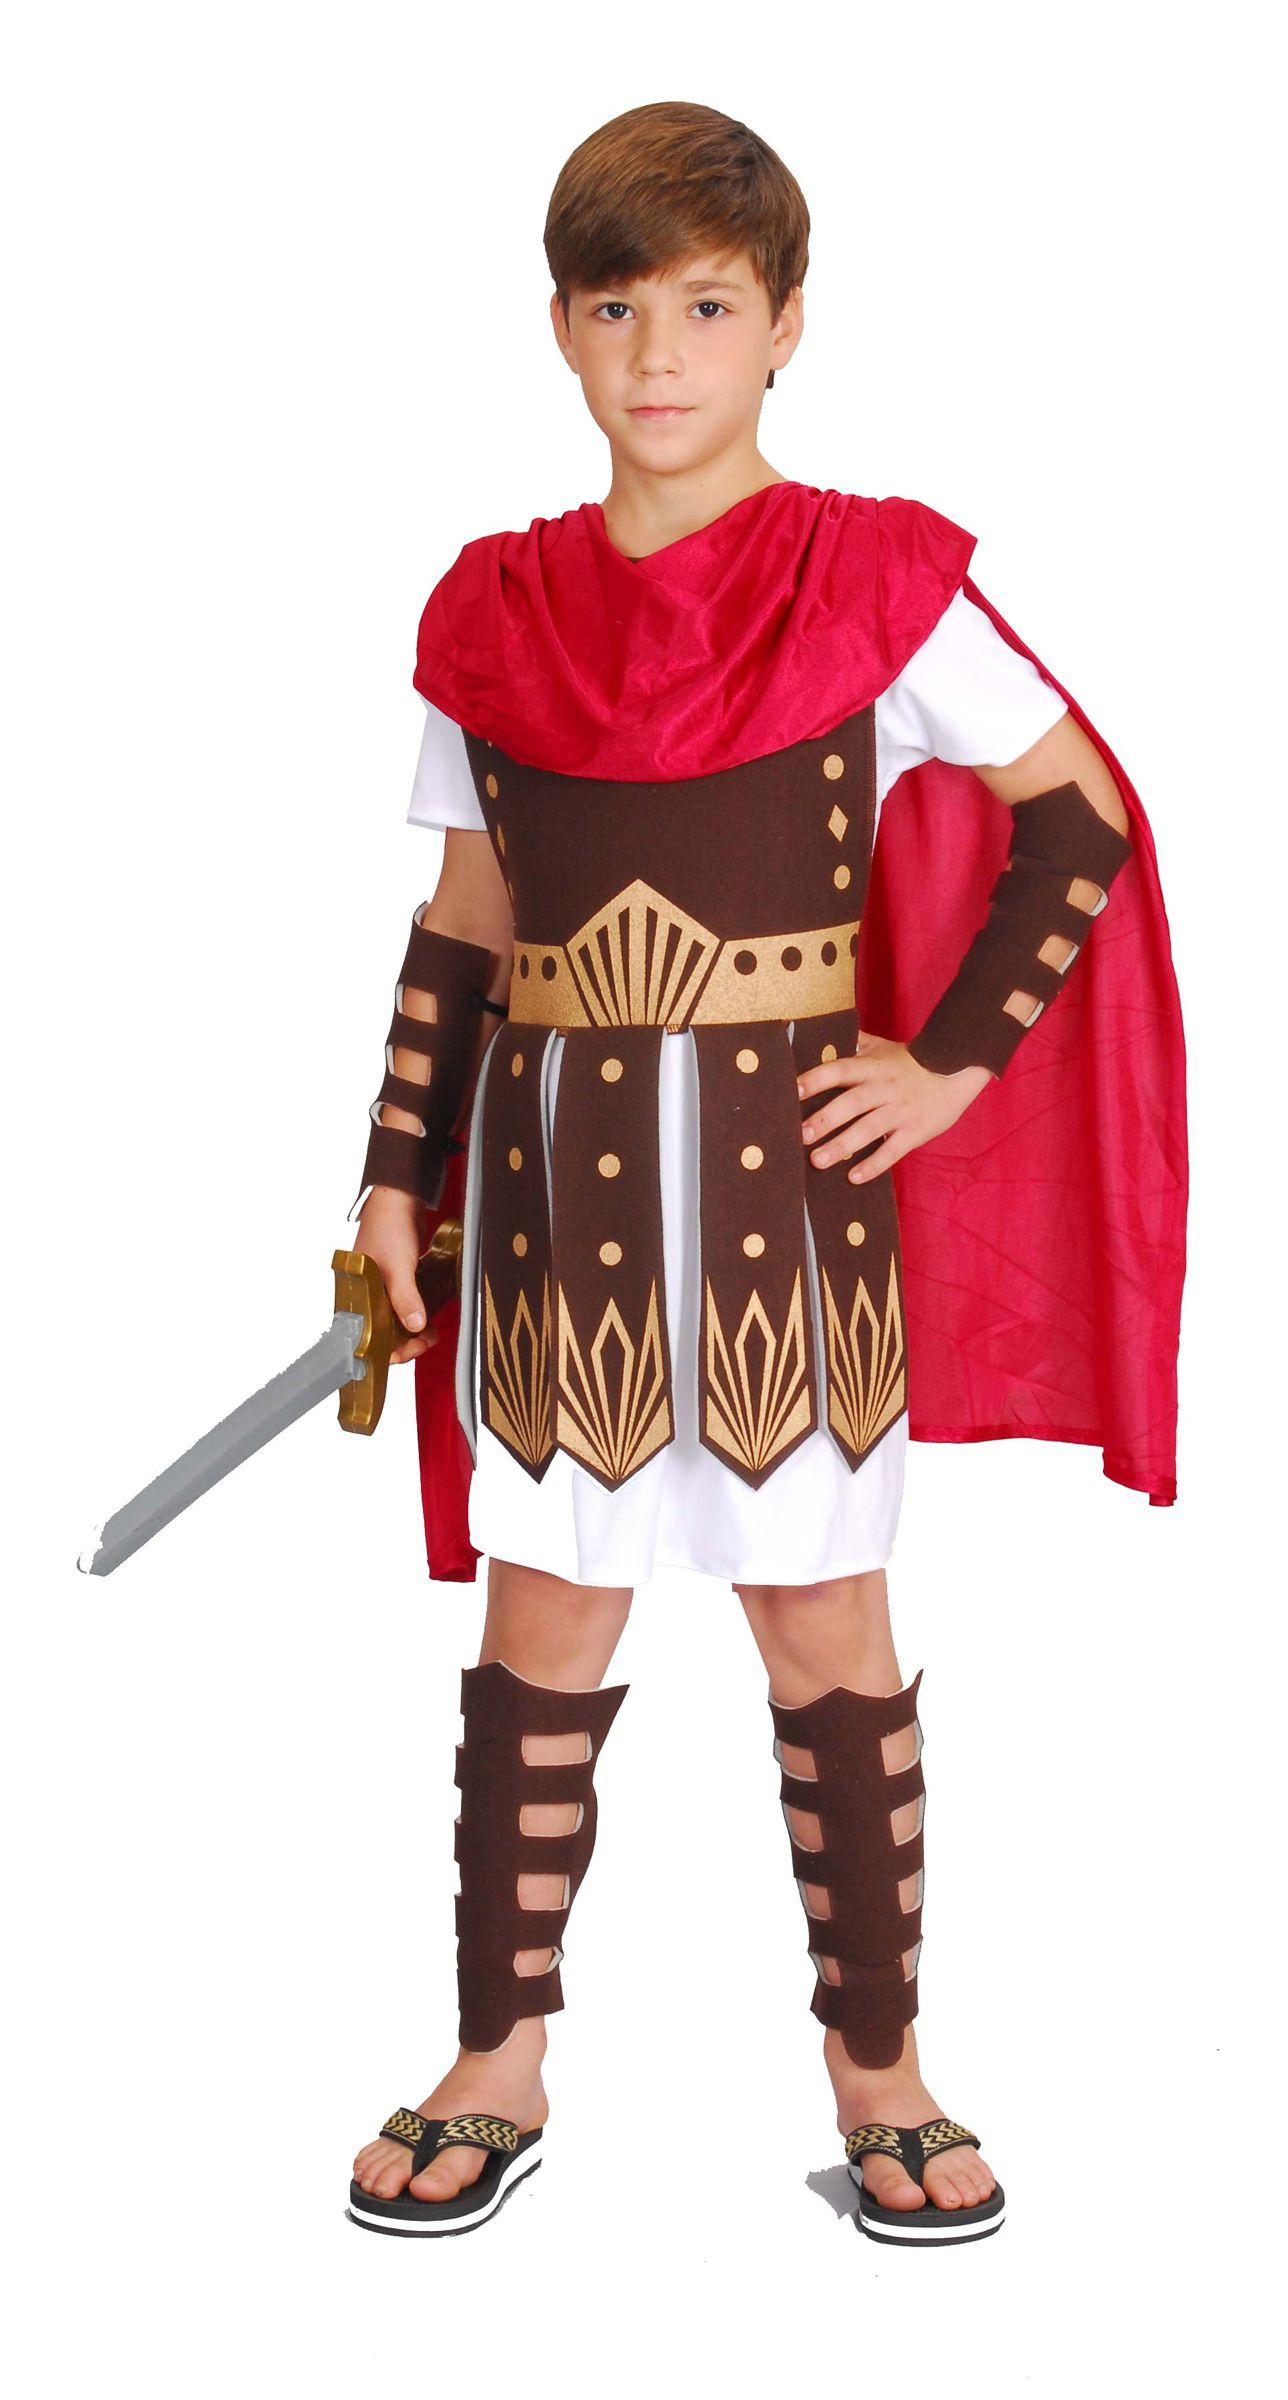 50e907846fc3 Costume da centurione romano per bambino  bello